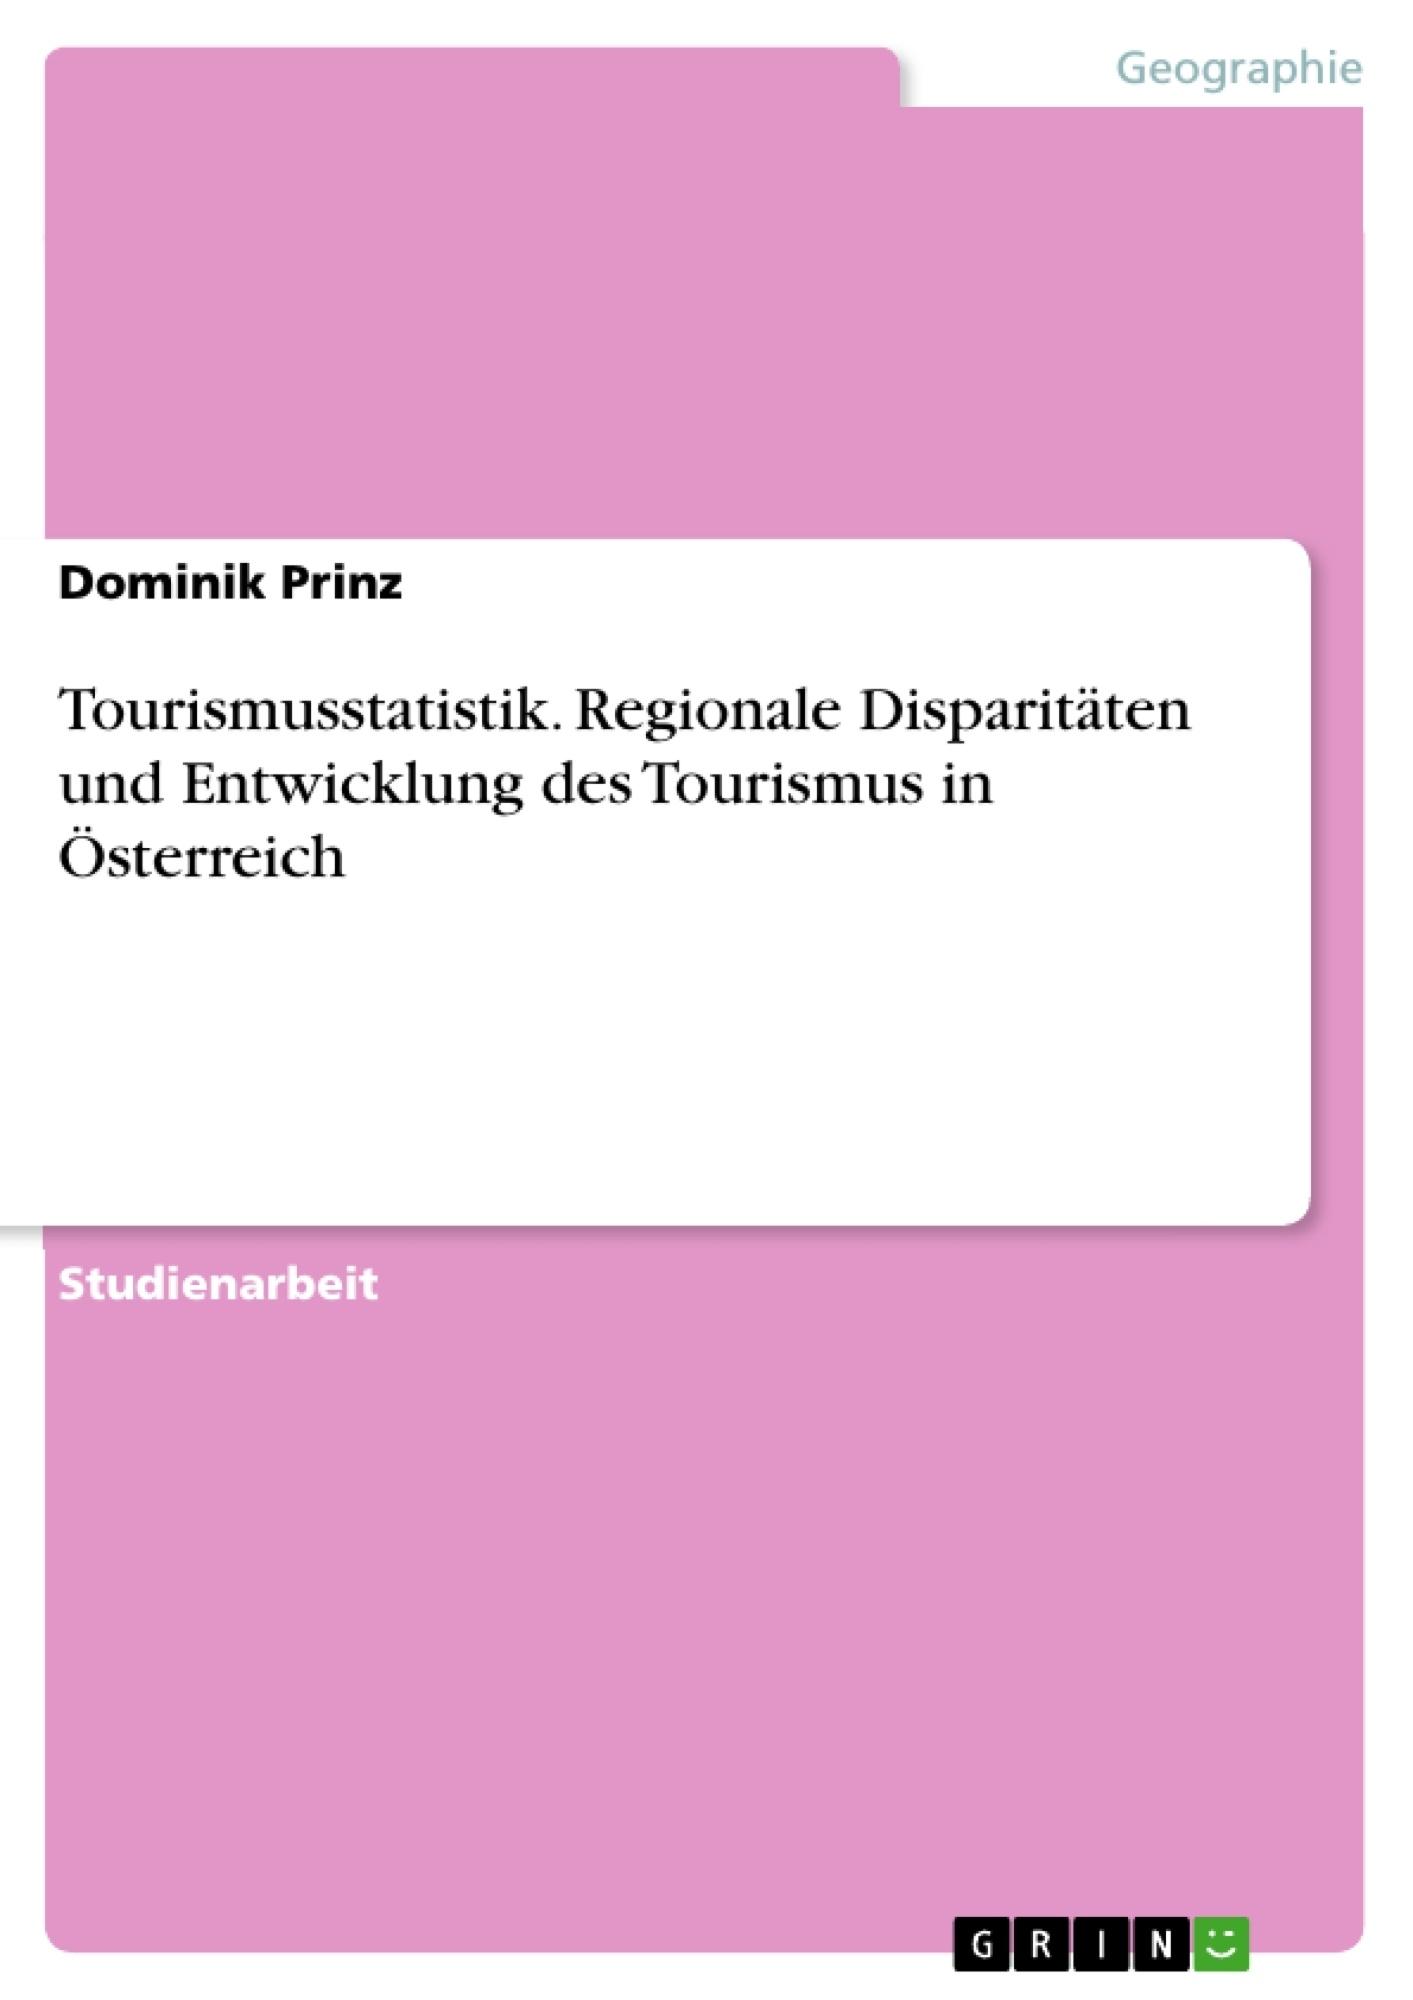 Titel: Tourismusstatistik. Regionale Disparitäten und Entwicklung des Tourismus in Österreich